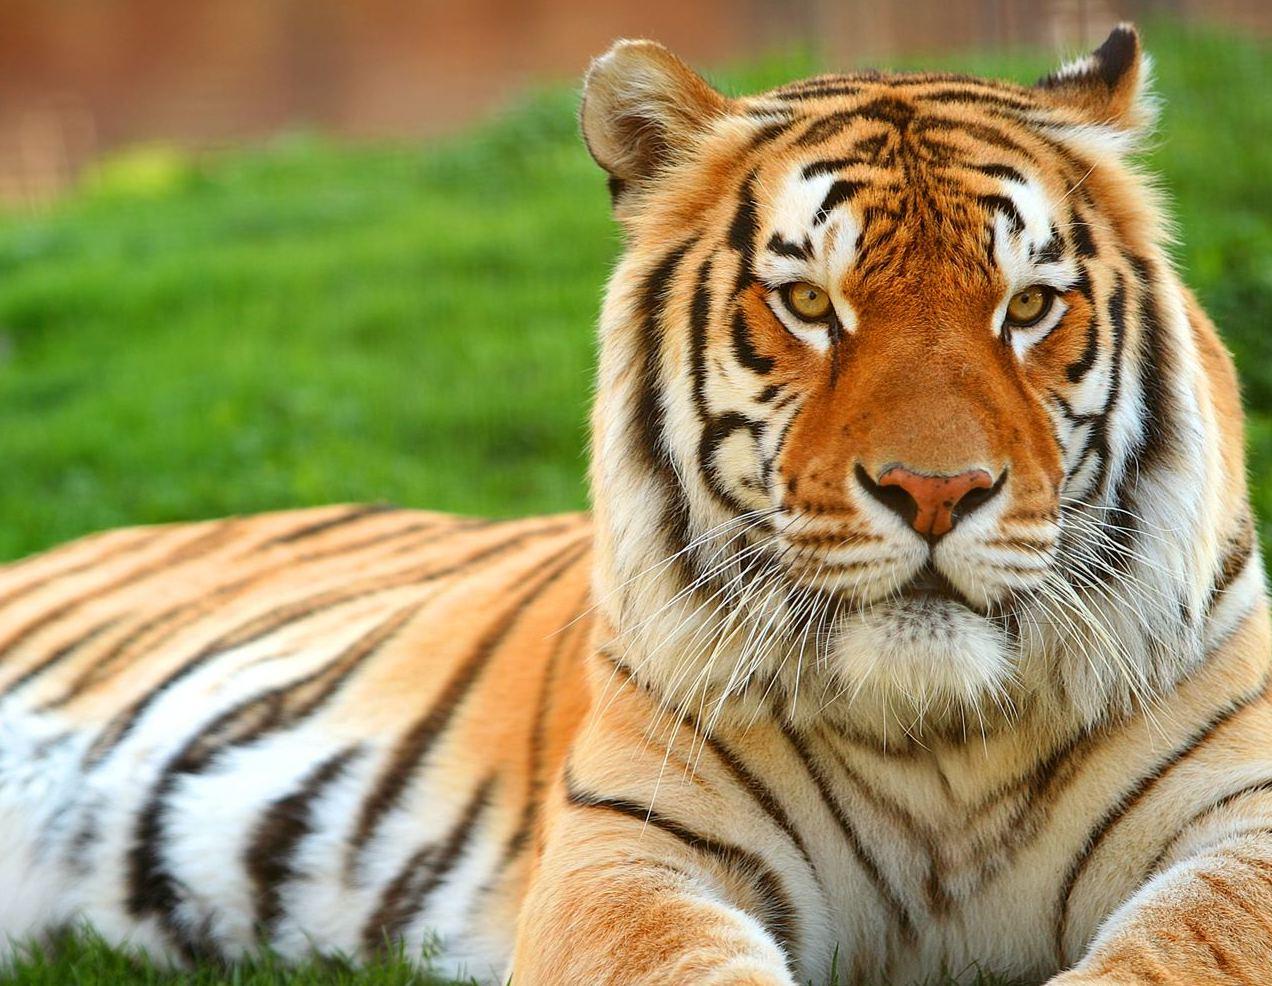 Free Tiger Wallpapers For Desktop Wallpapersafari